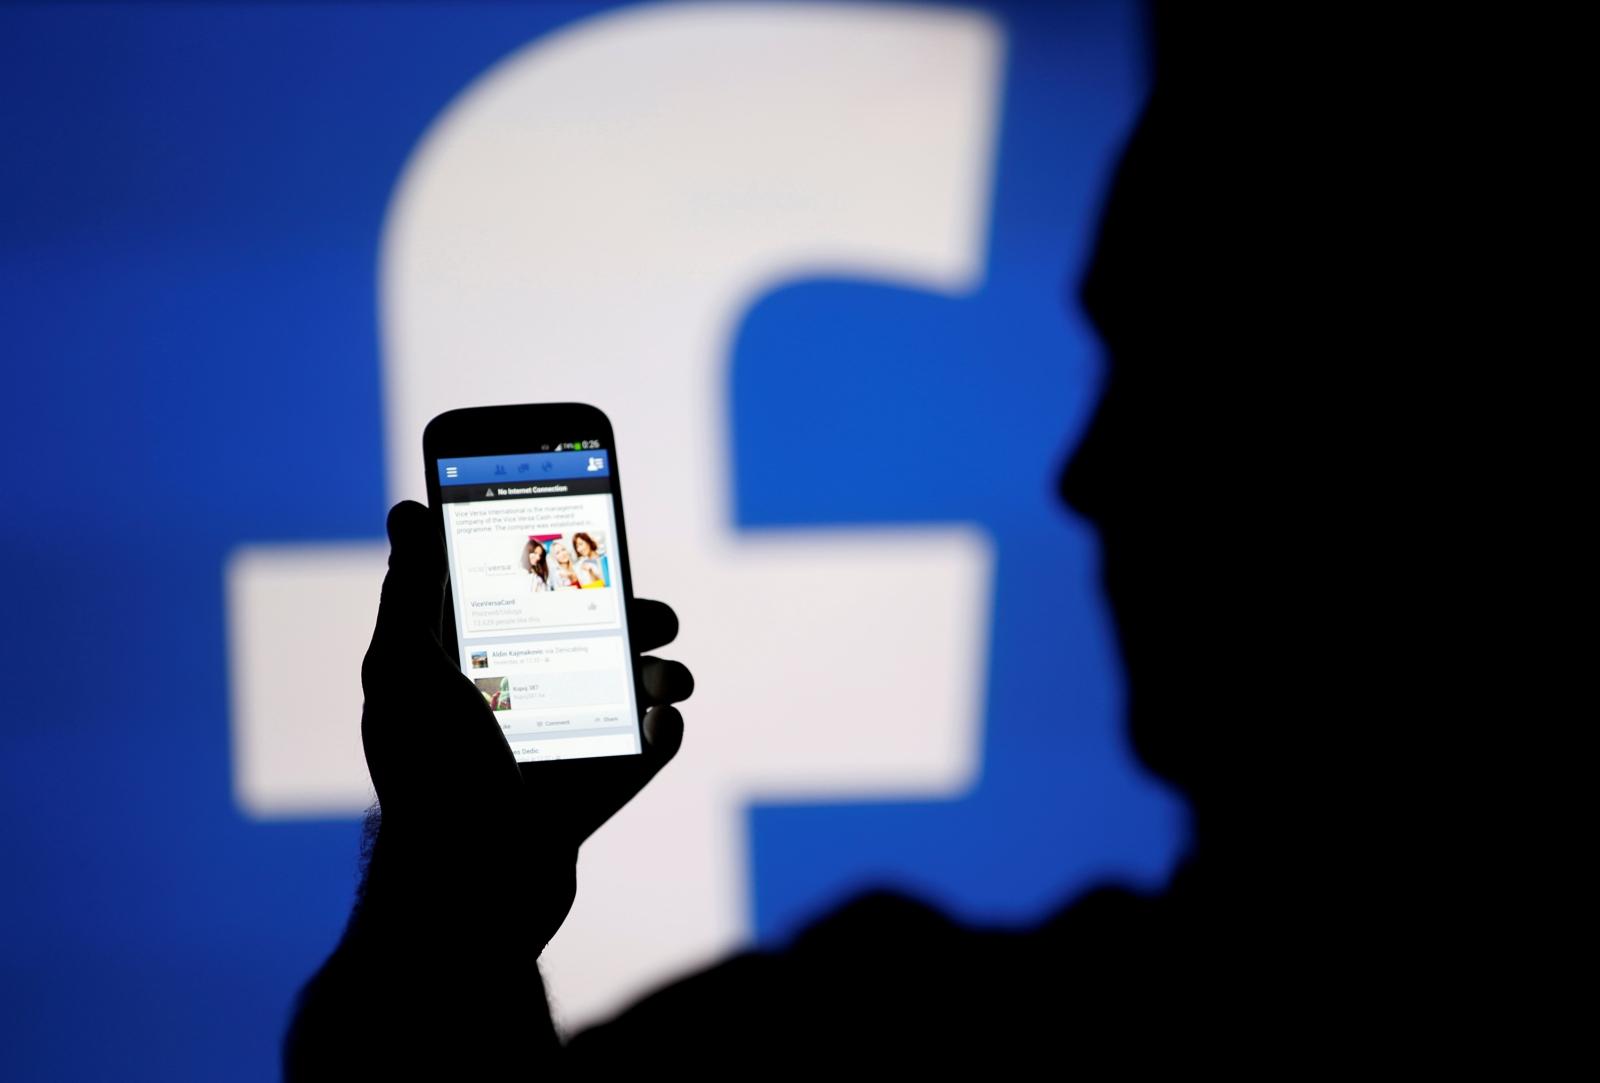 Facebook social media network